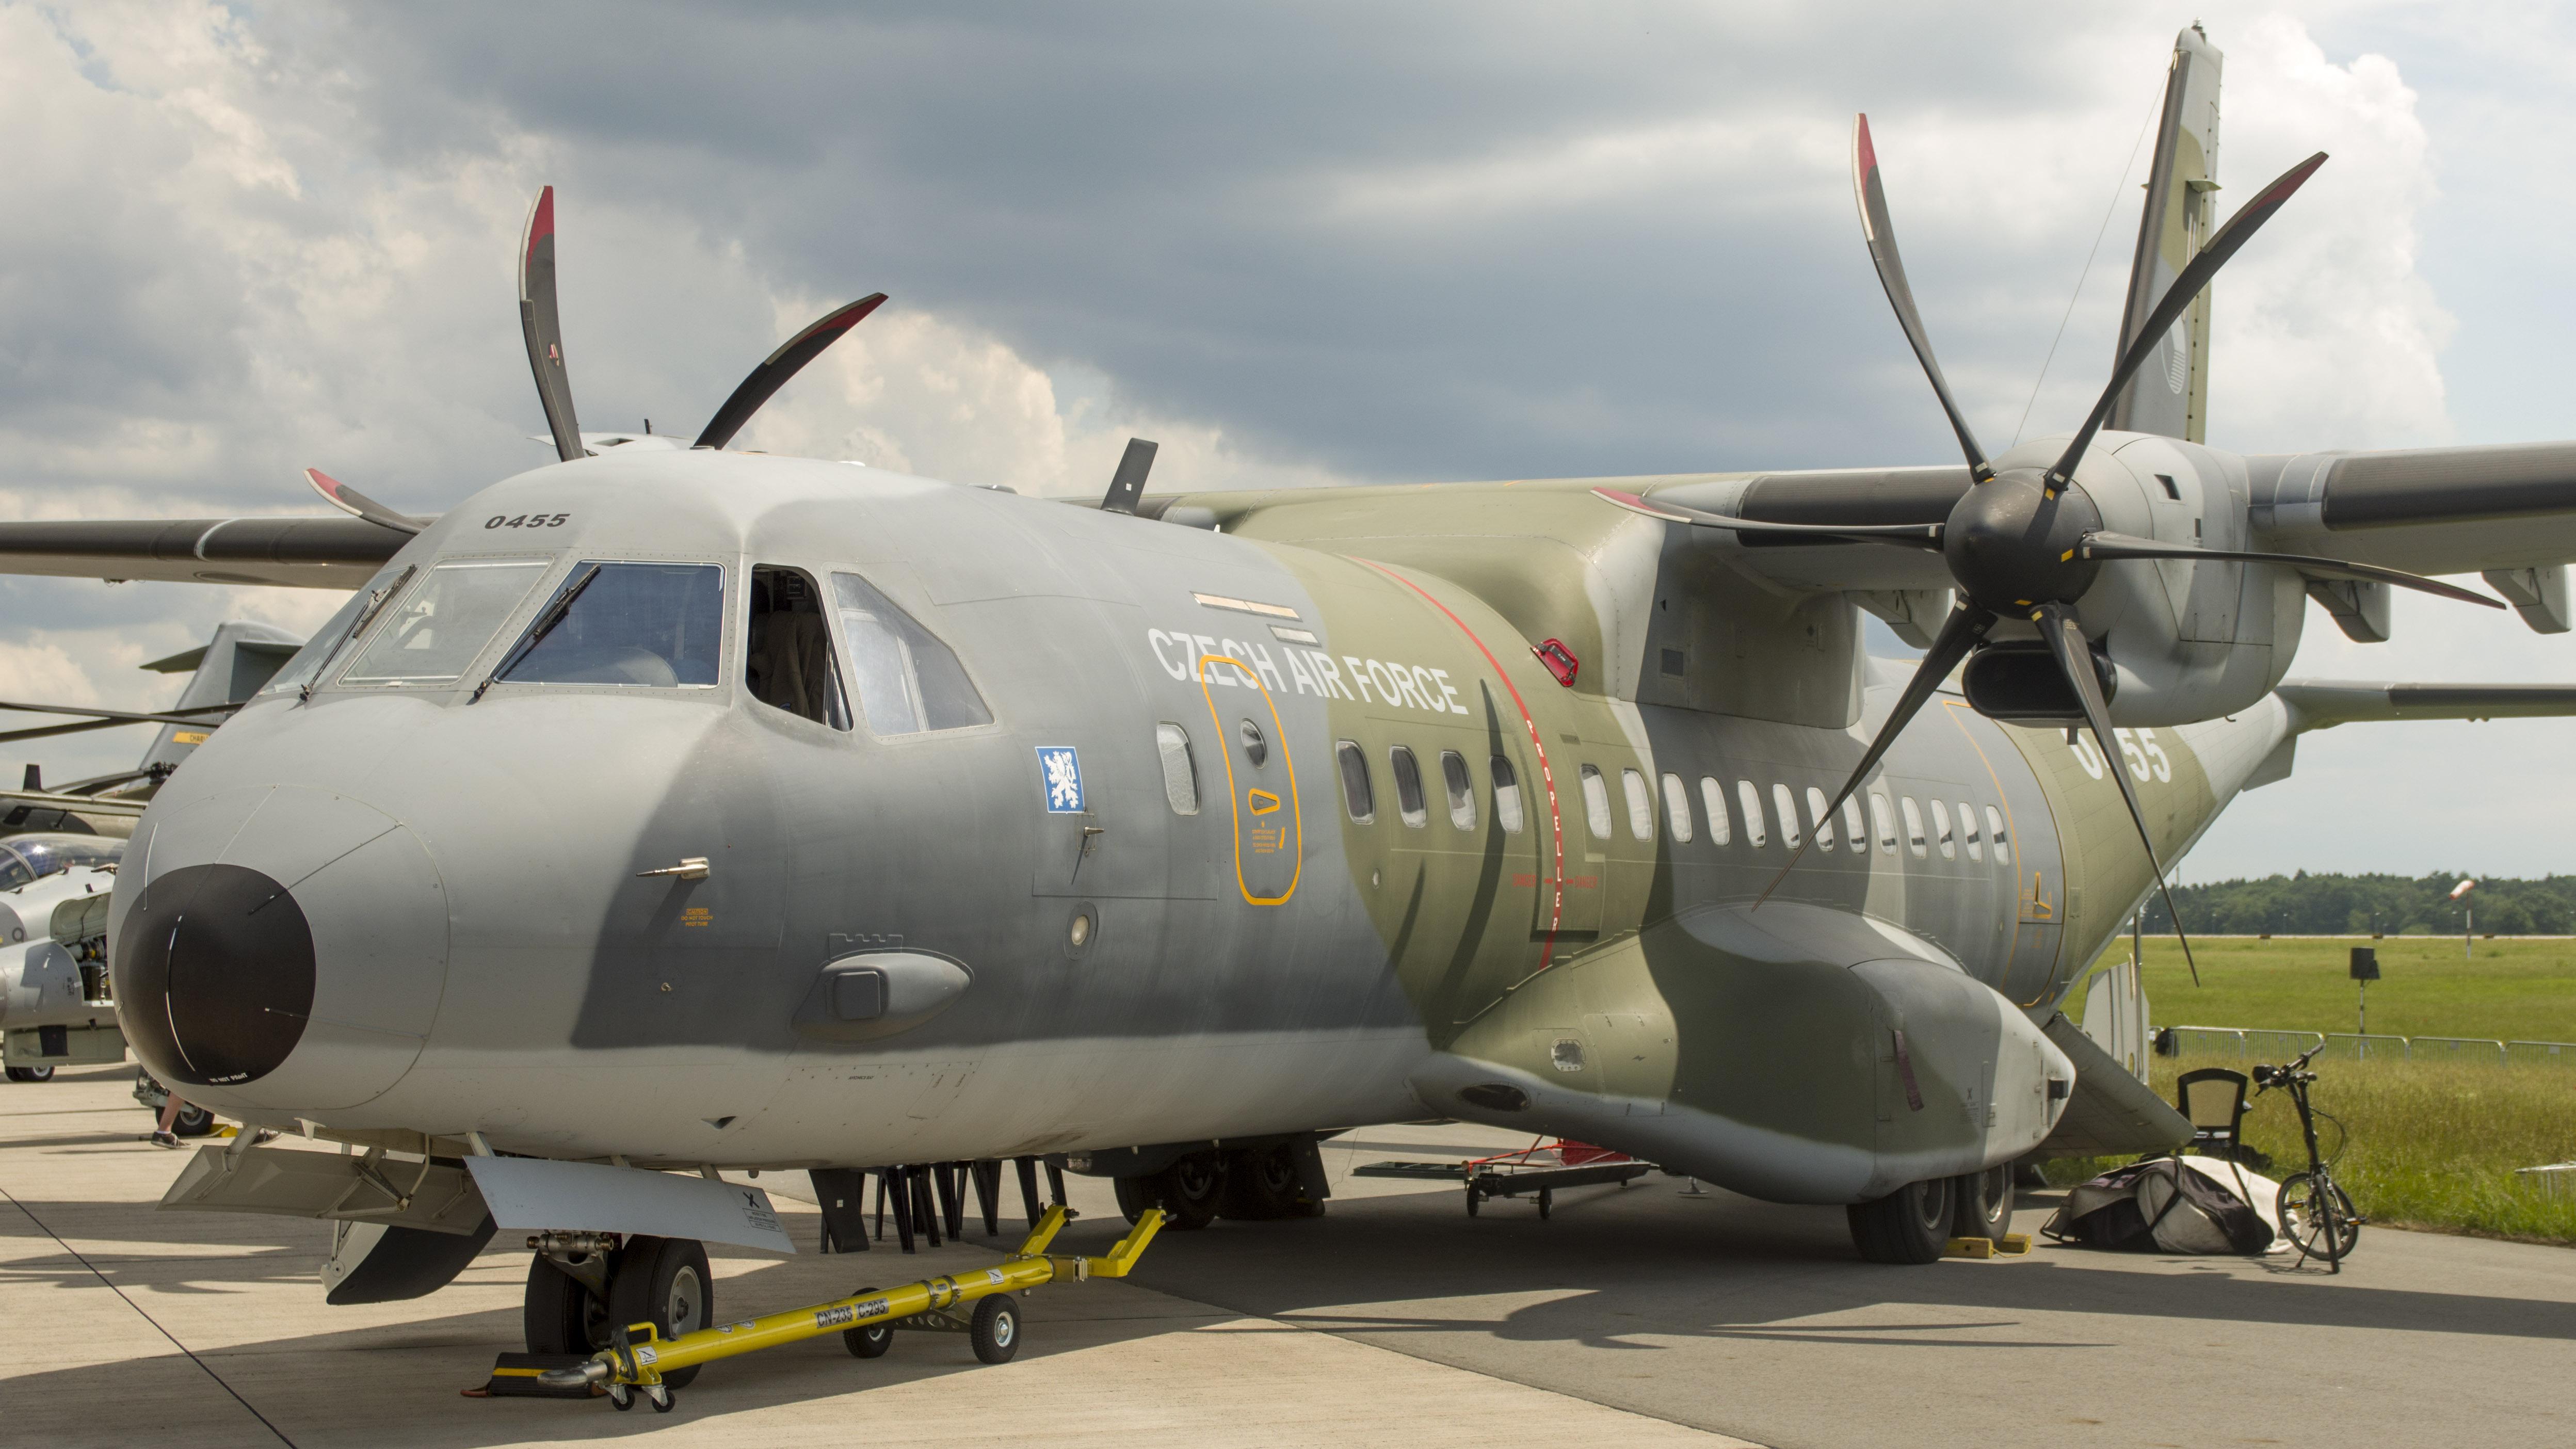 _IMG2379 CASA C-295M 0455 Czech air force